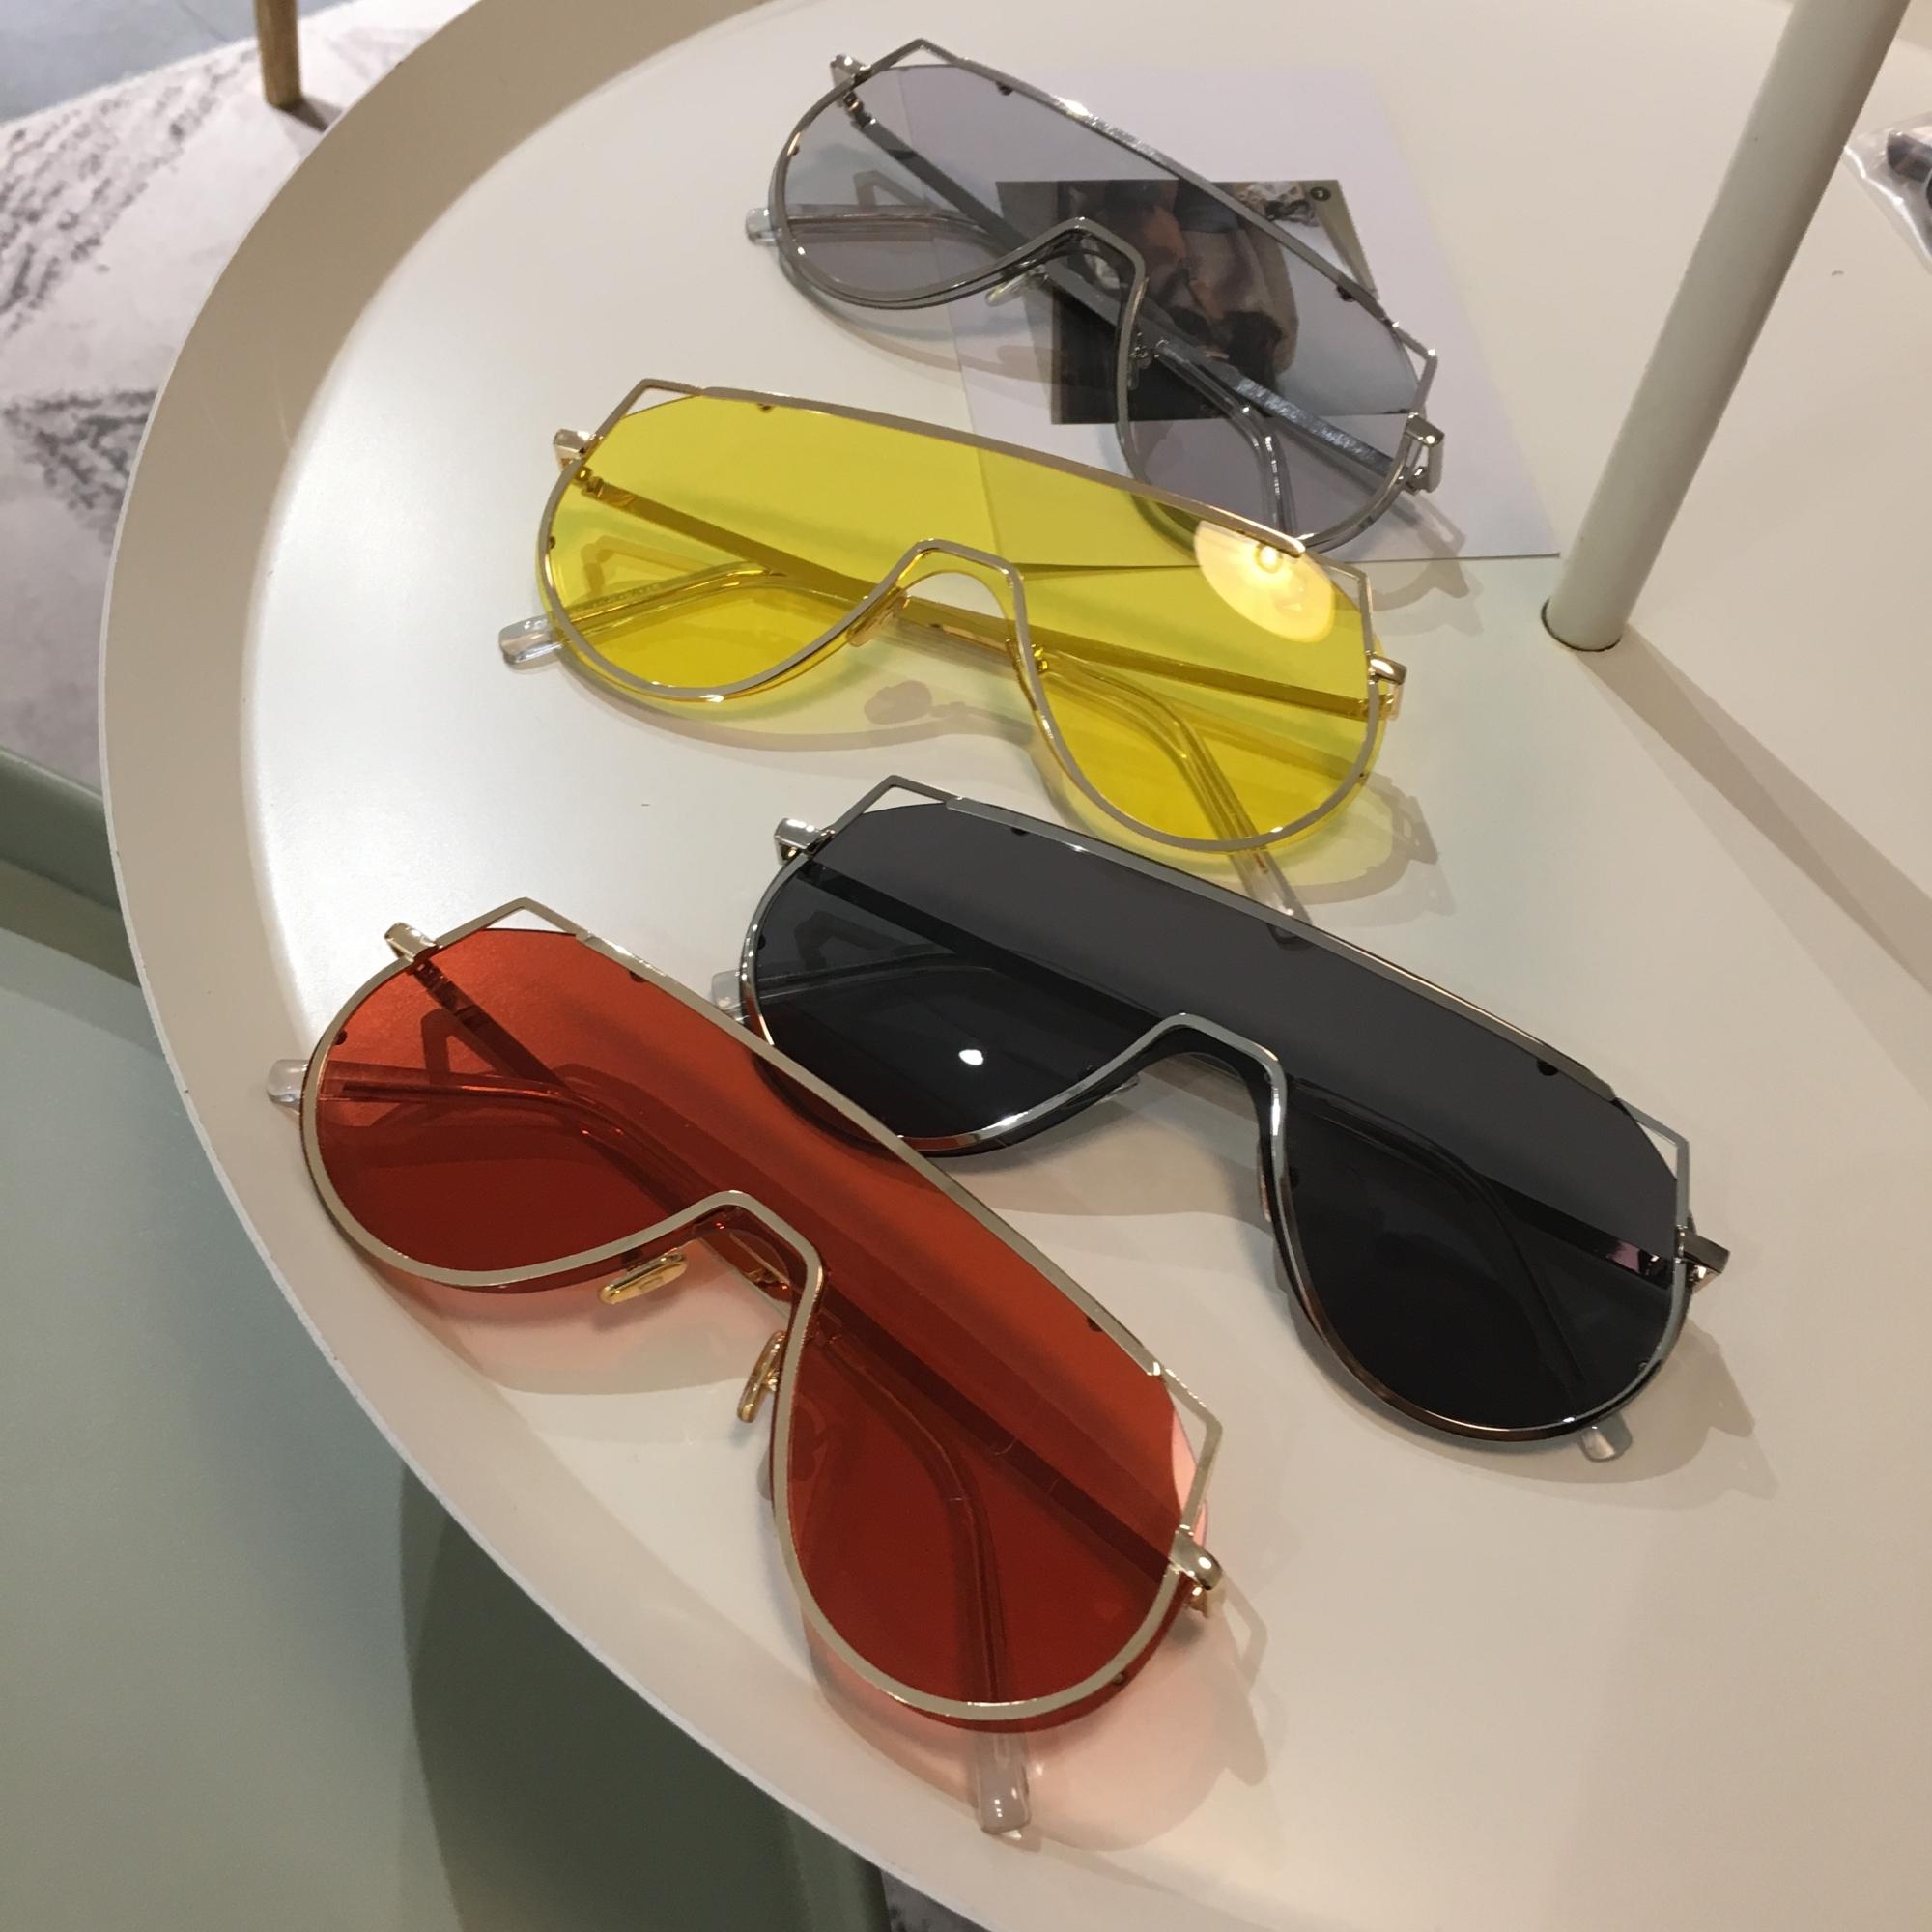 韩国潮牌一体镜片眼镜ins复古大框墨镜女潮显脸小太阳镜网红款男